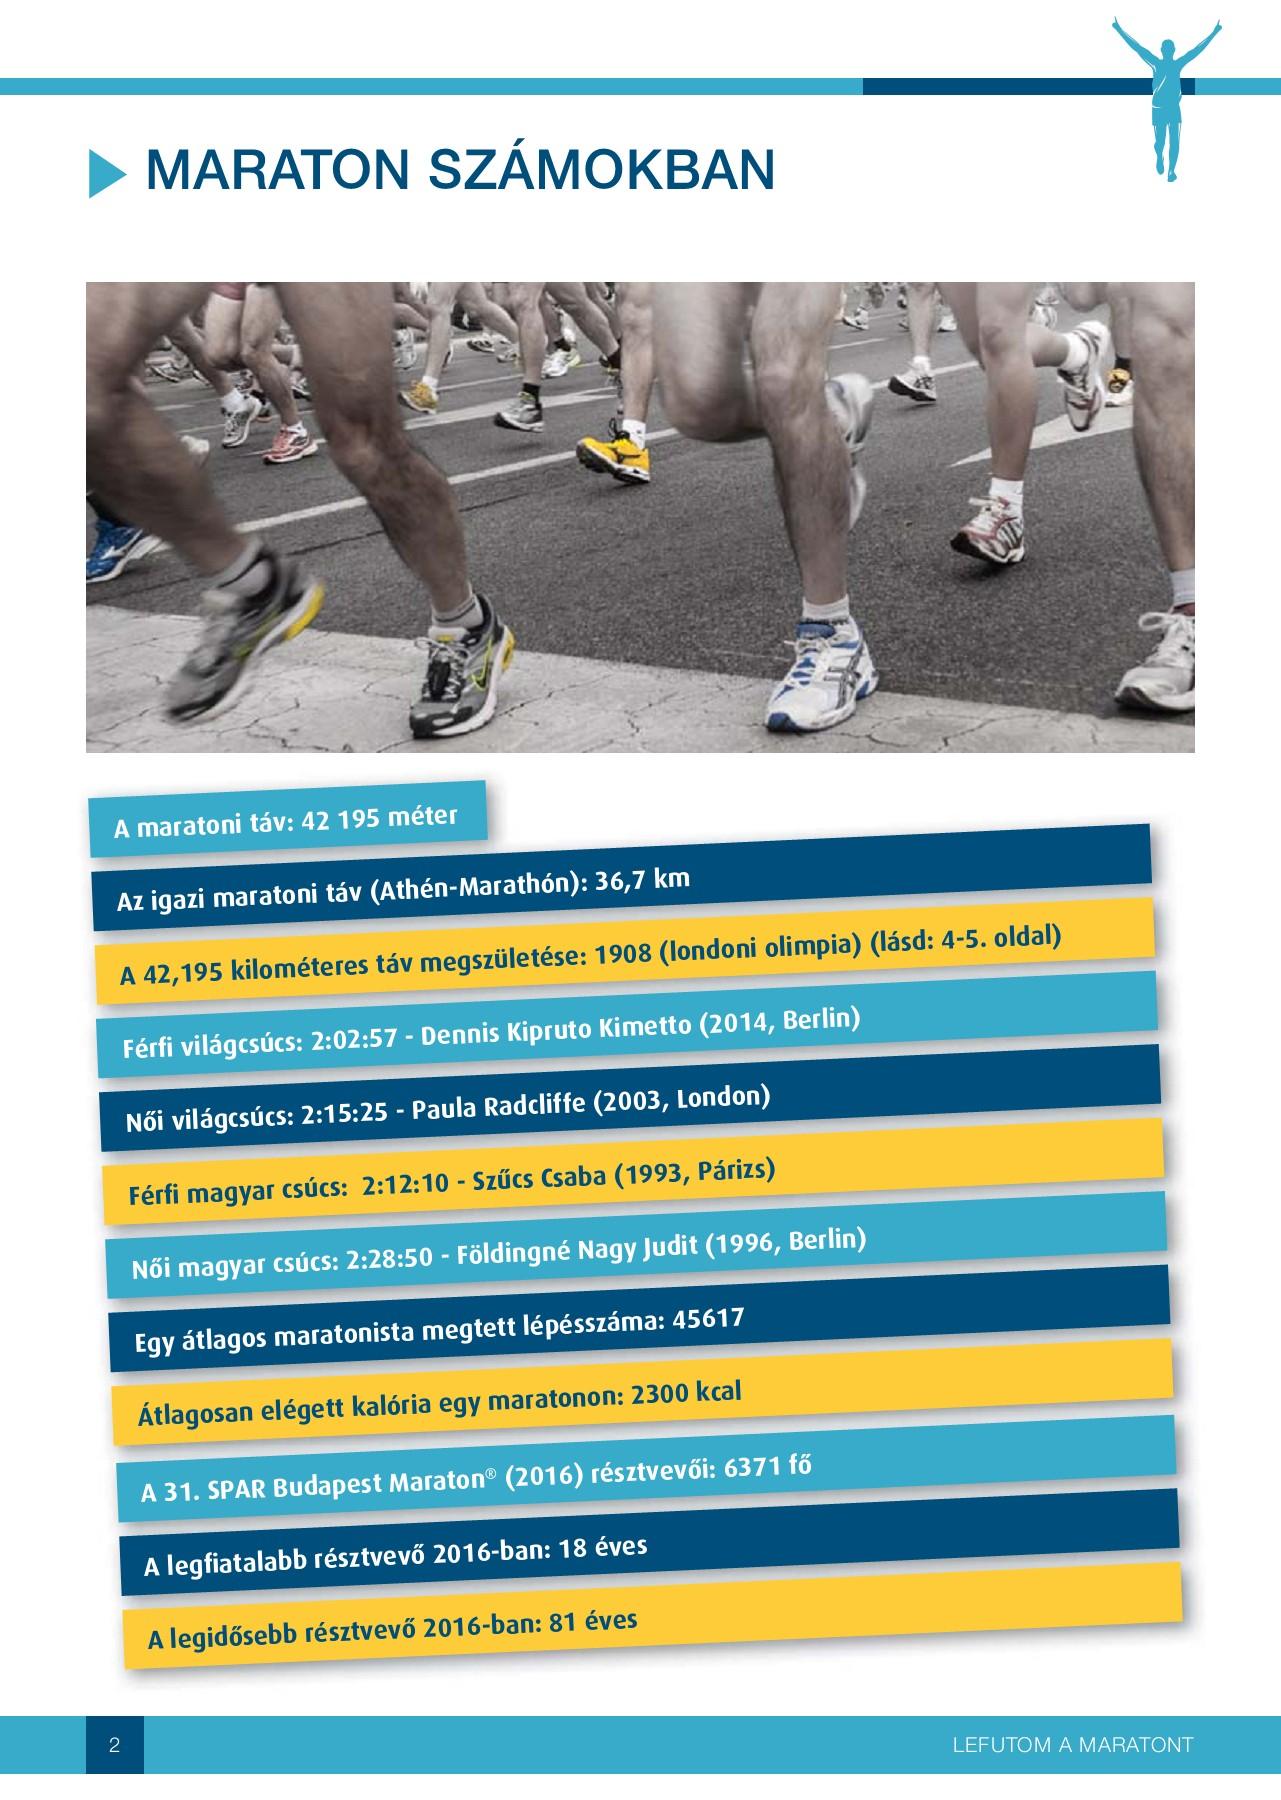 maratoni magas vérnyomás kardiopátia hipertónia